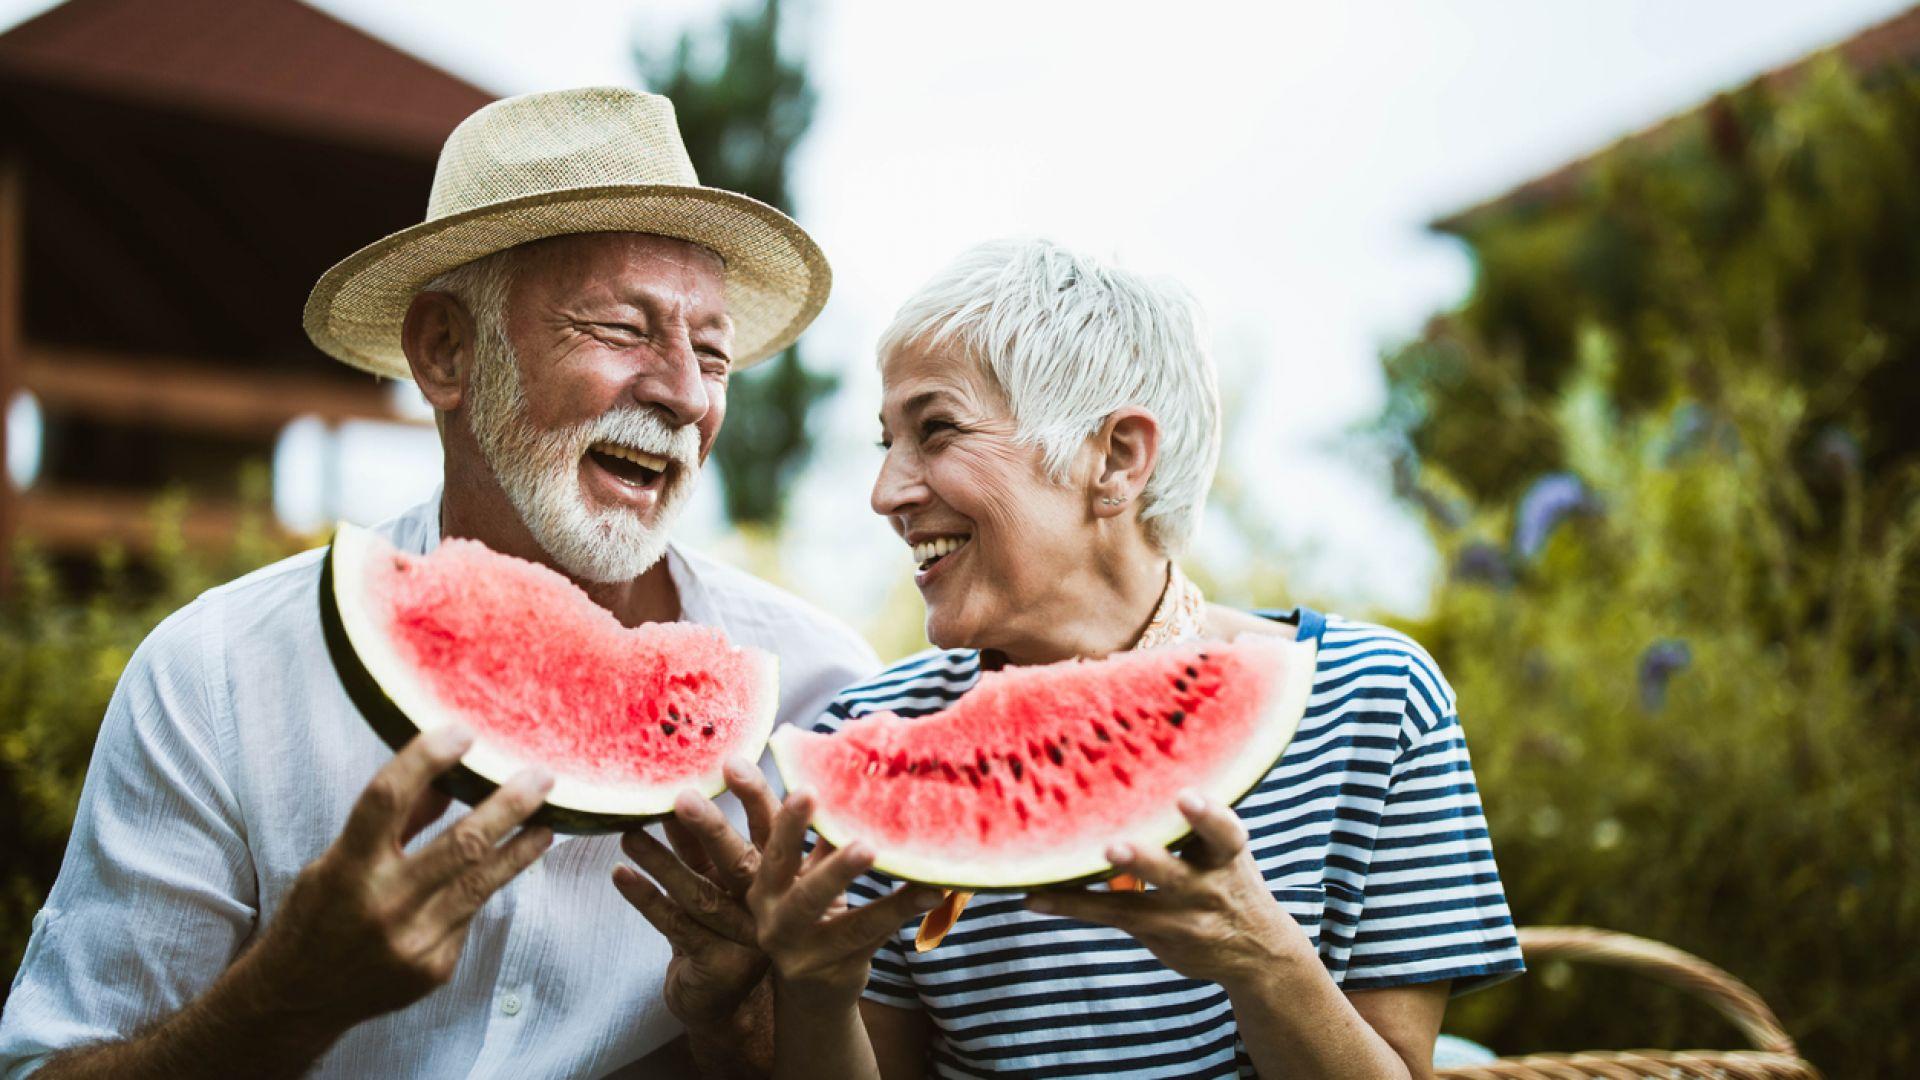 Най-подходящата диета според възрастта